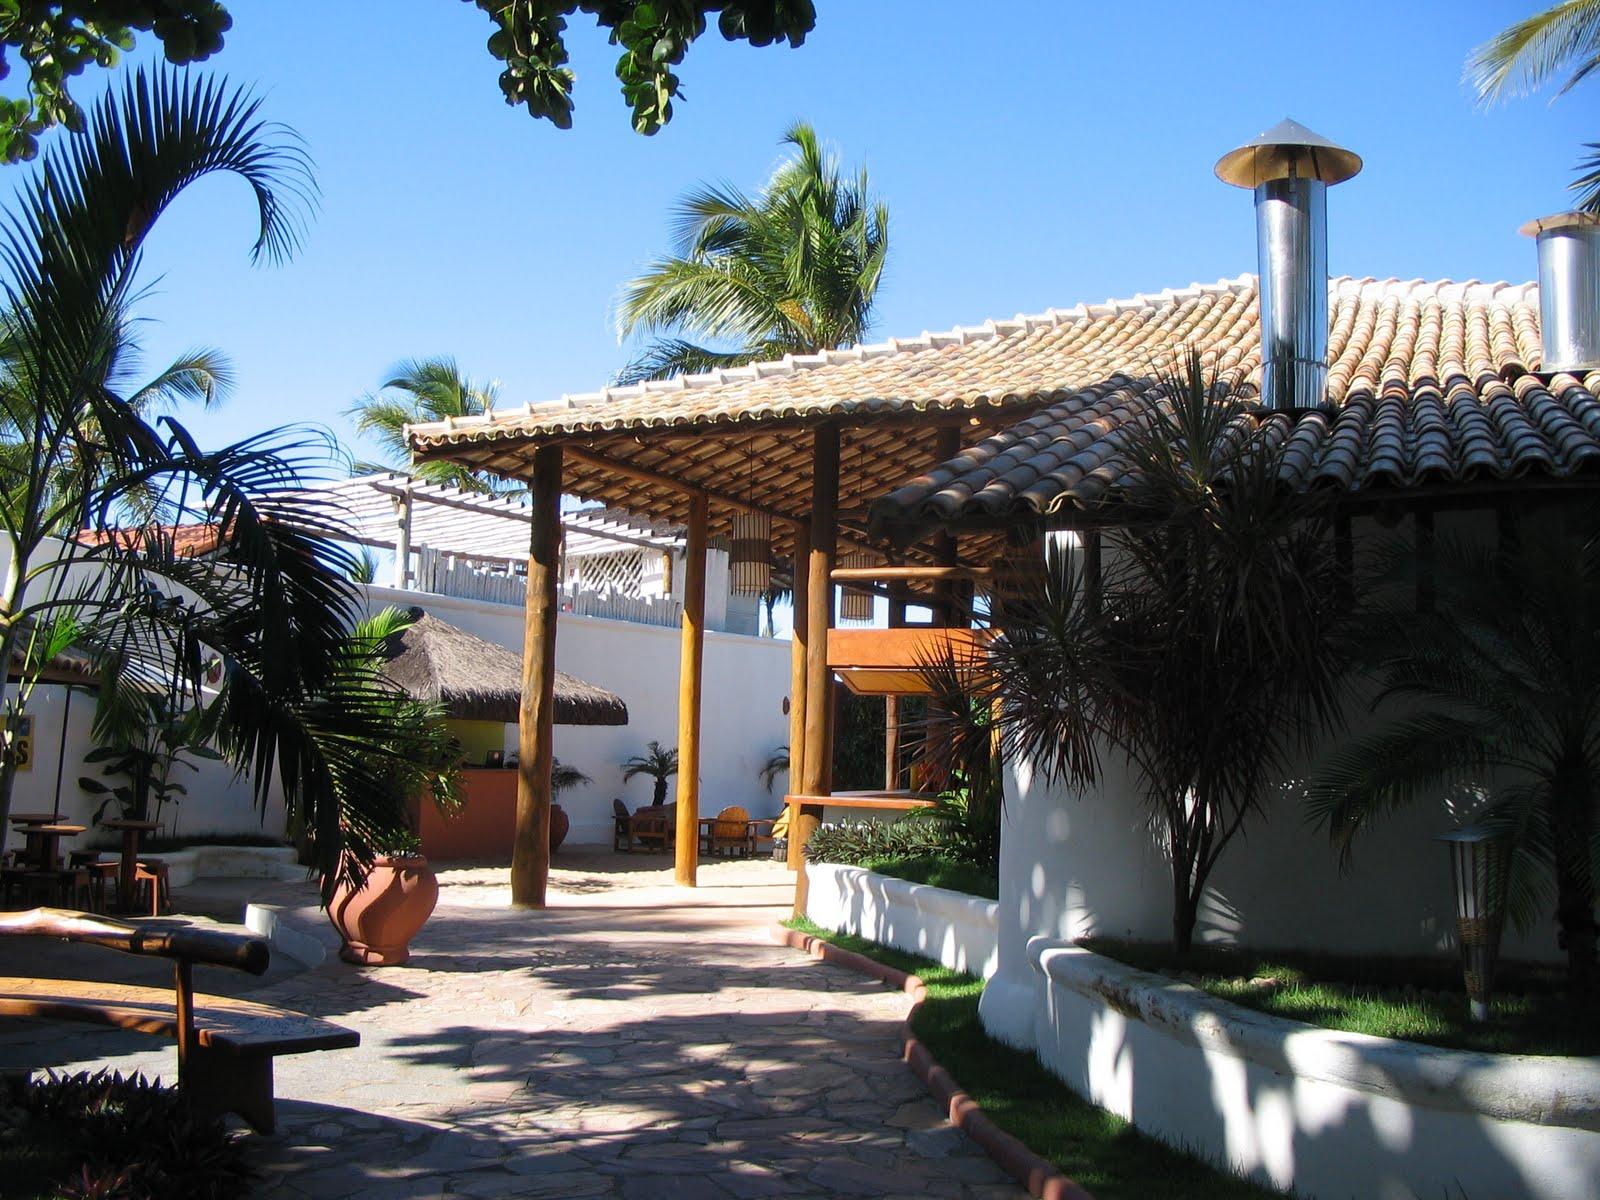 Quinta do porto hotel amp marina arraial d ajuda bahia - Vista Da Entrada Da Cabana